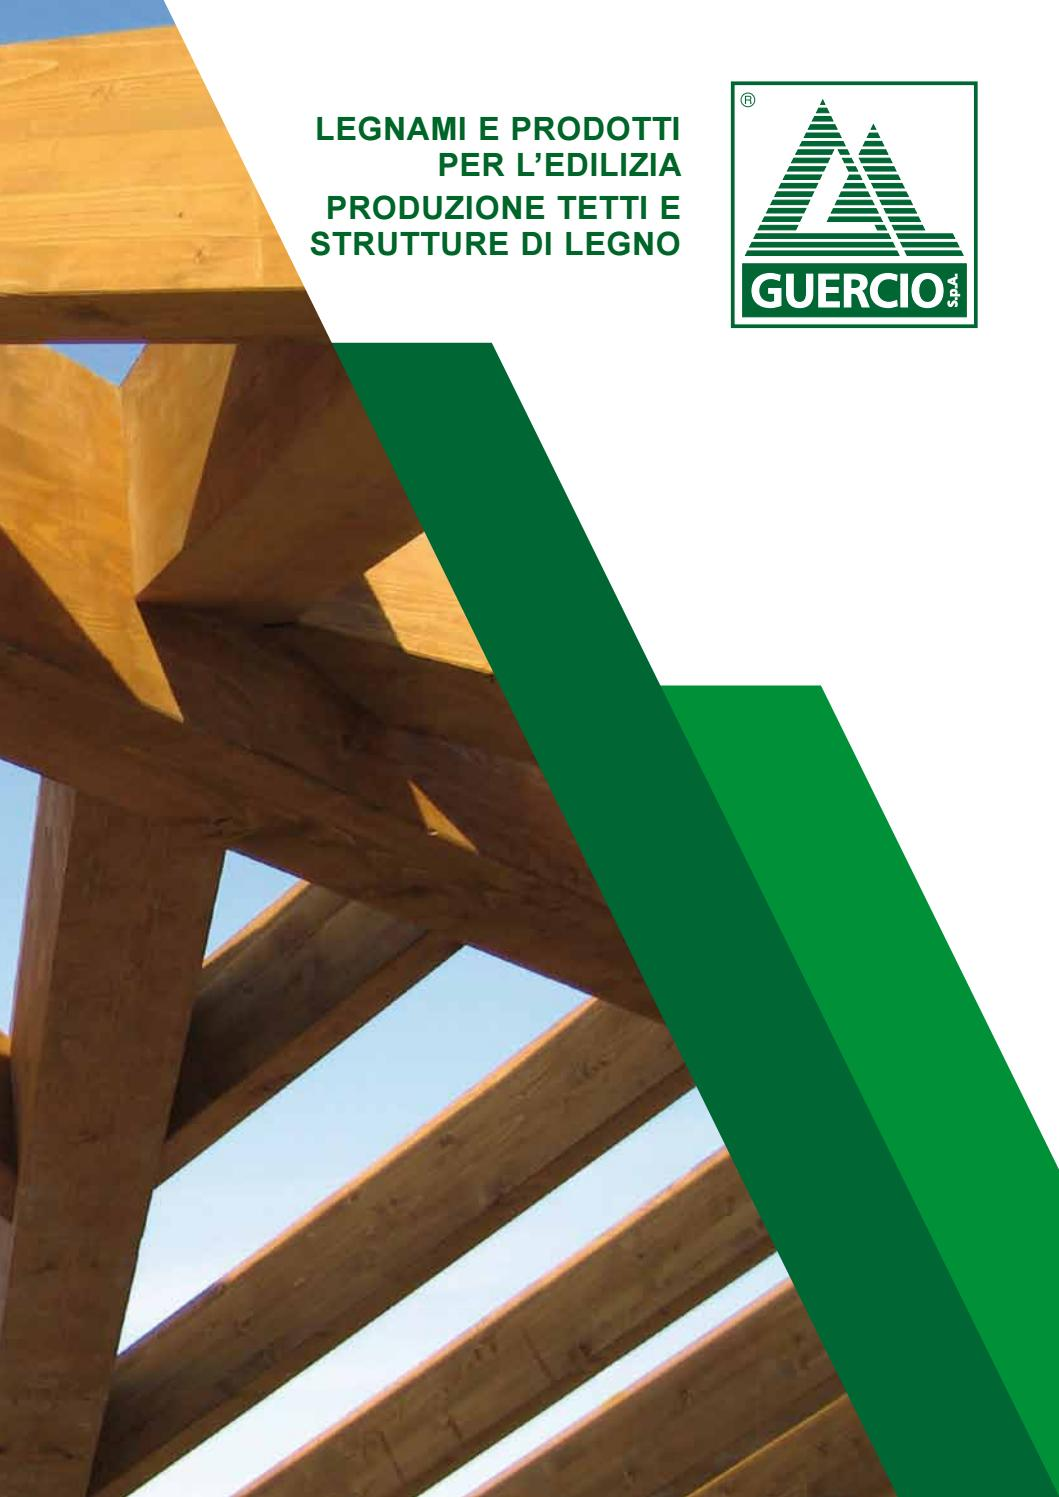 Solaio In Legno Lamellare Autoportante catalogo legname e prodotti per l'edilizia by guercio forma